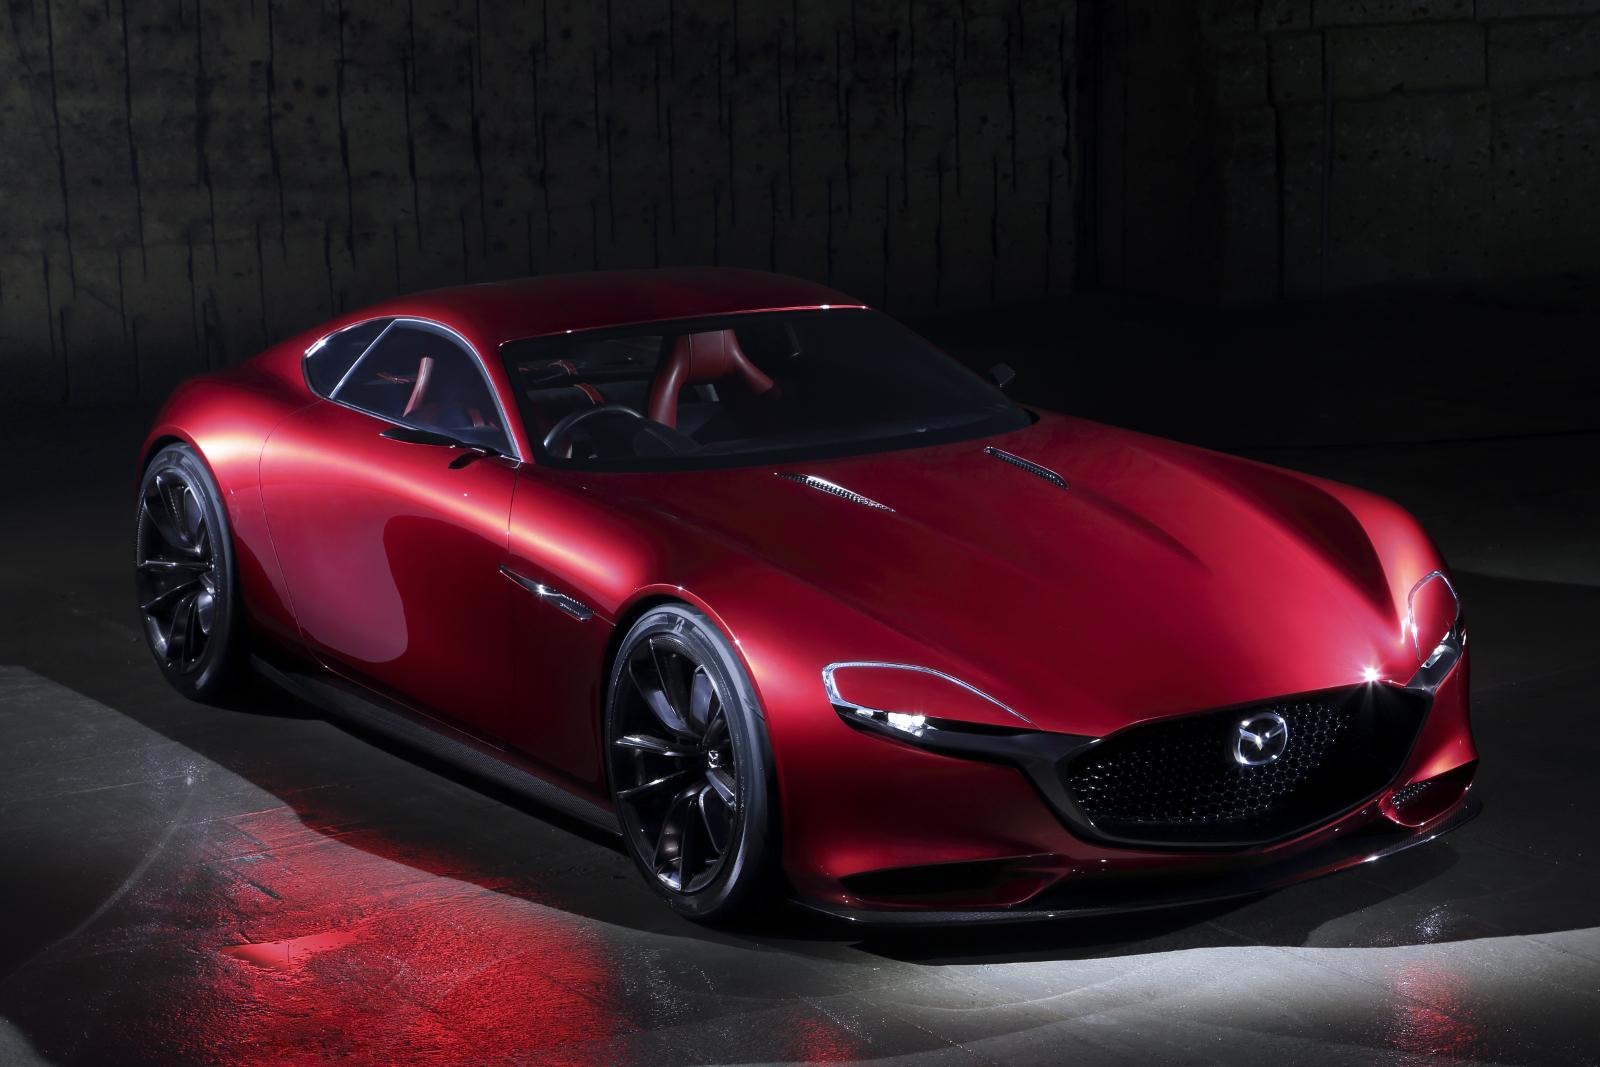 轉子引擎誕生50週年將至 馬自達《Mazda》全新RX後繼跑車2017年提前復出?